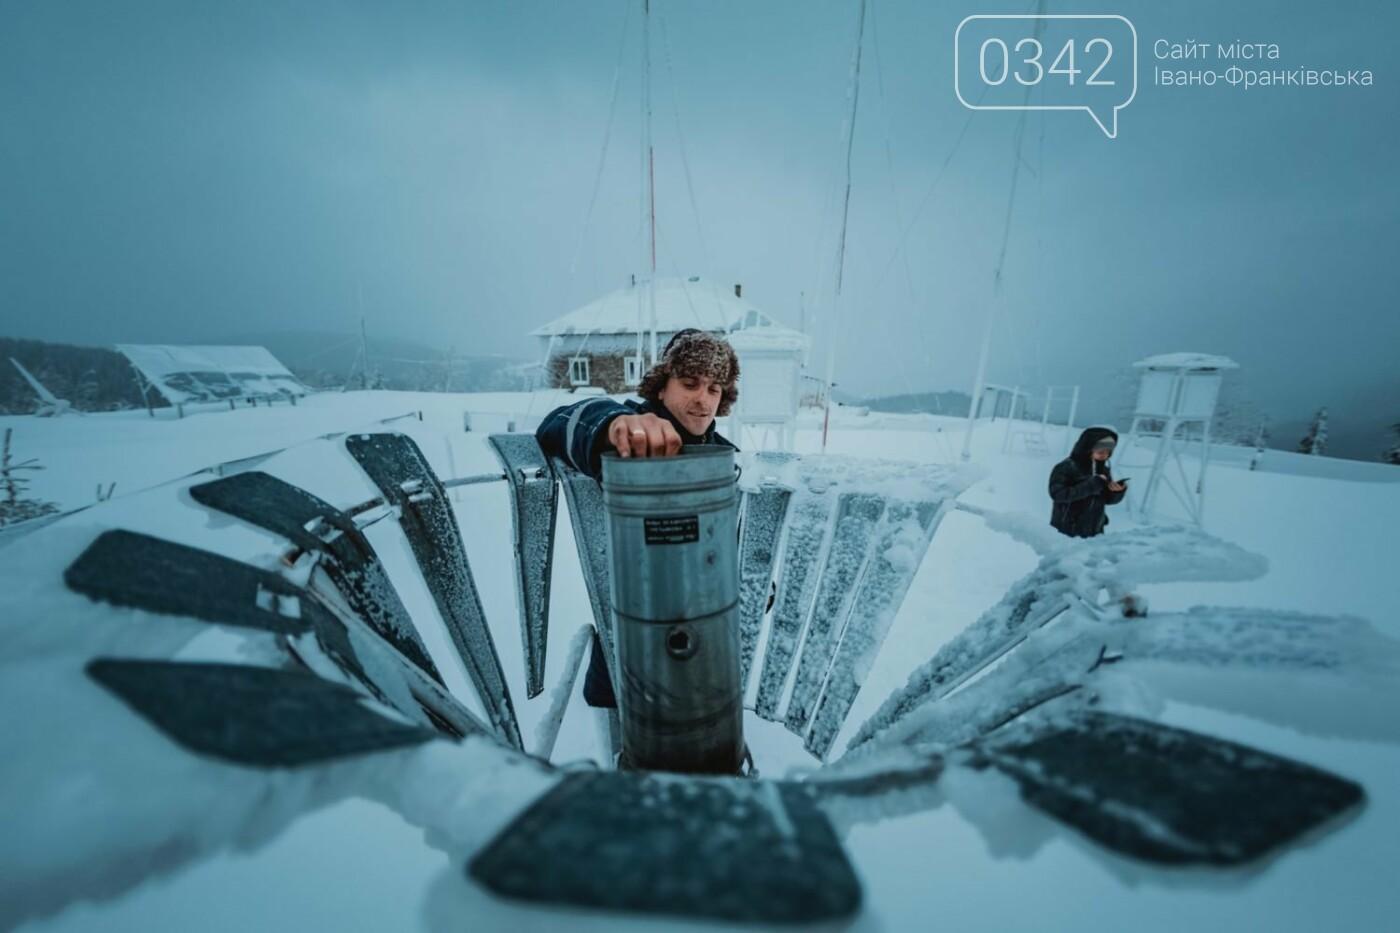 Як живуть карпатські метеорологи на найвищій метеостанції в Україні. ФОТОРЕПОРТАЖ, фото-6